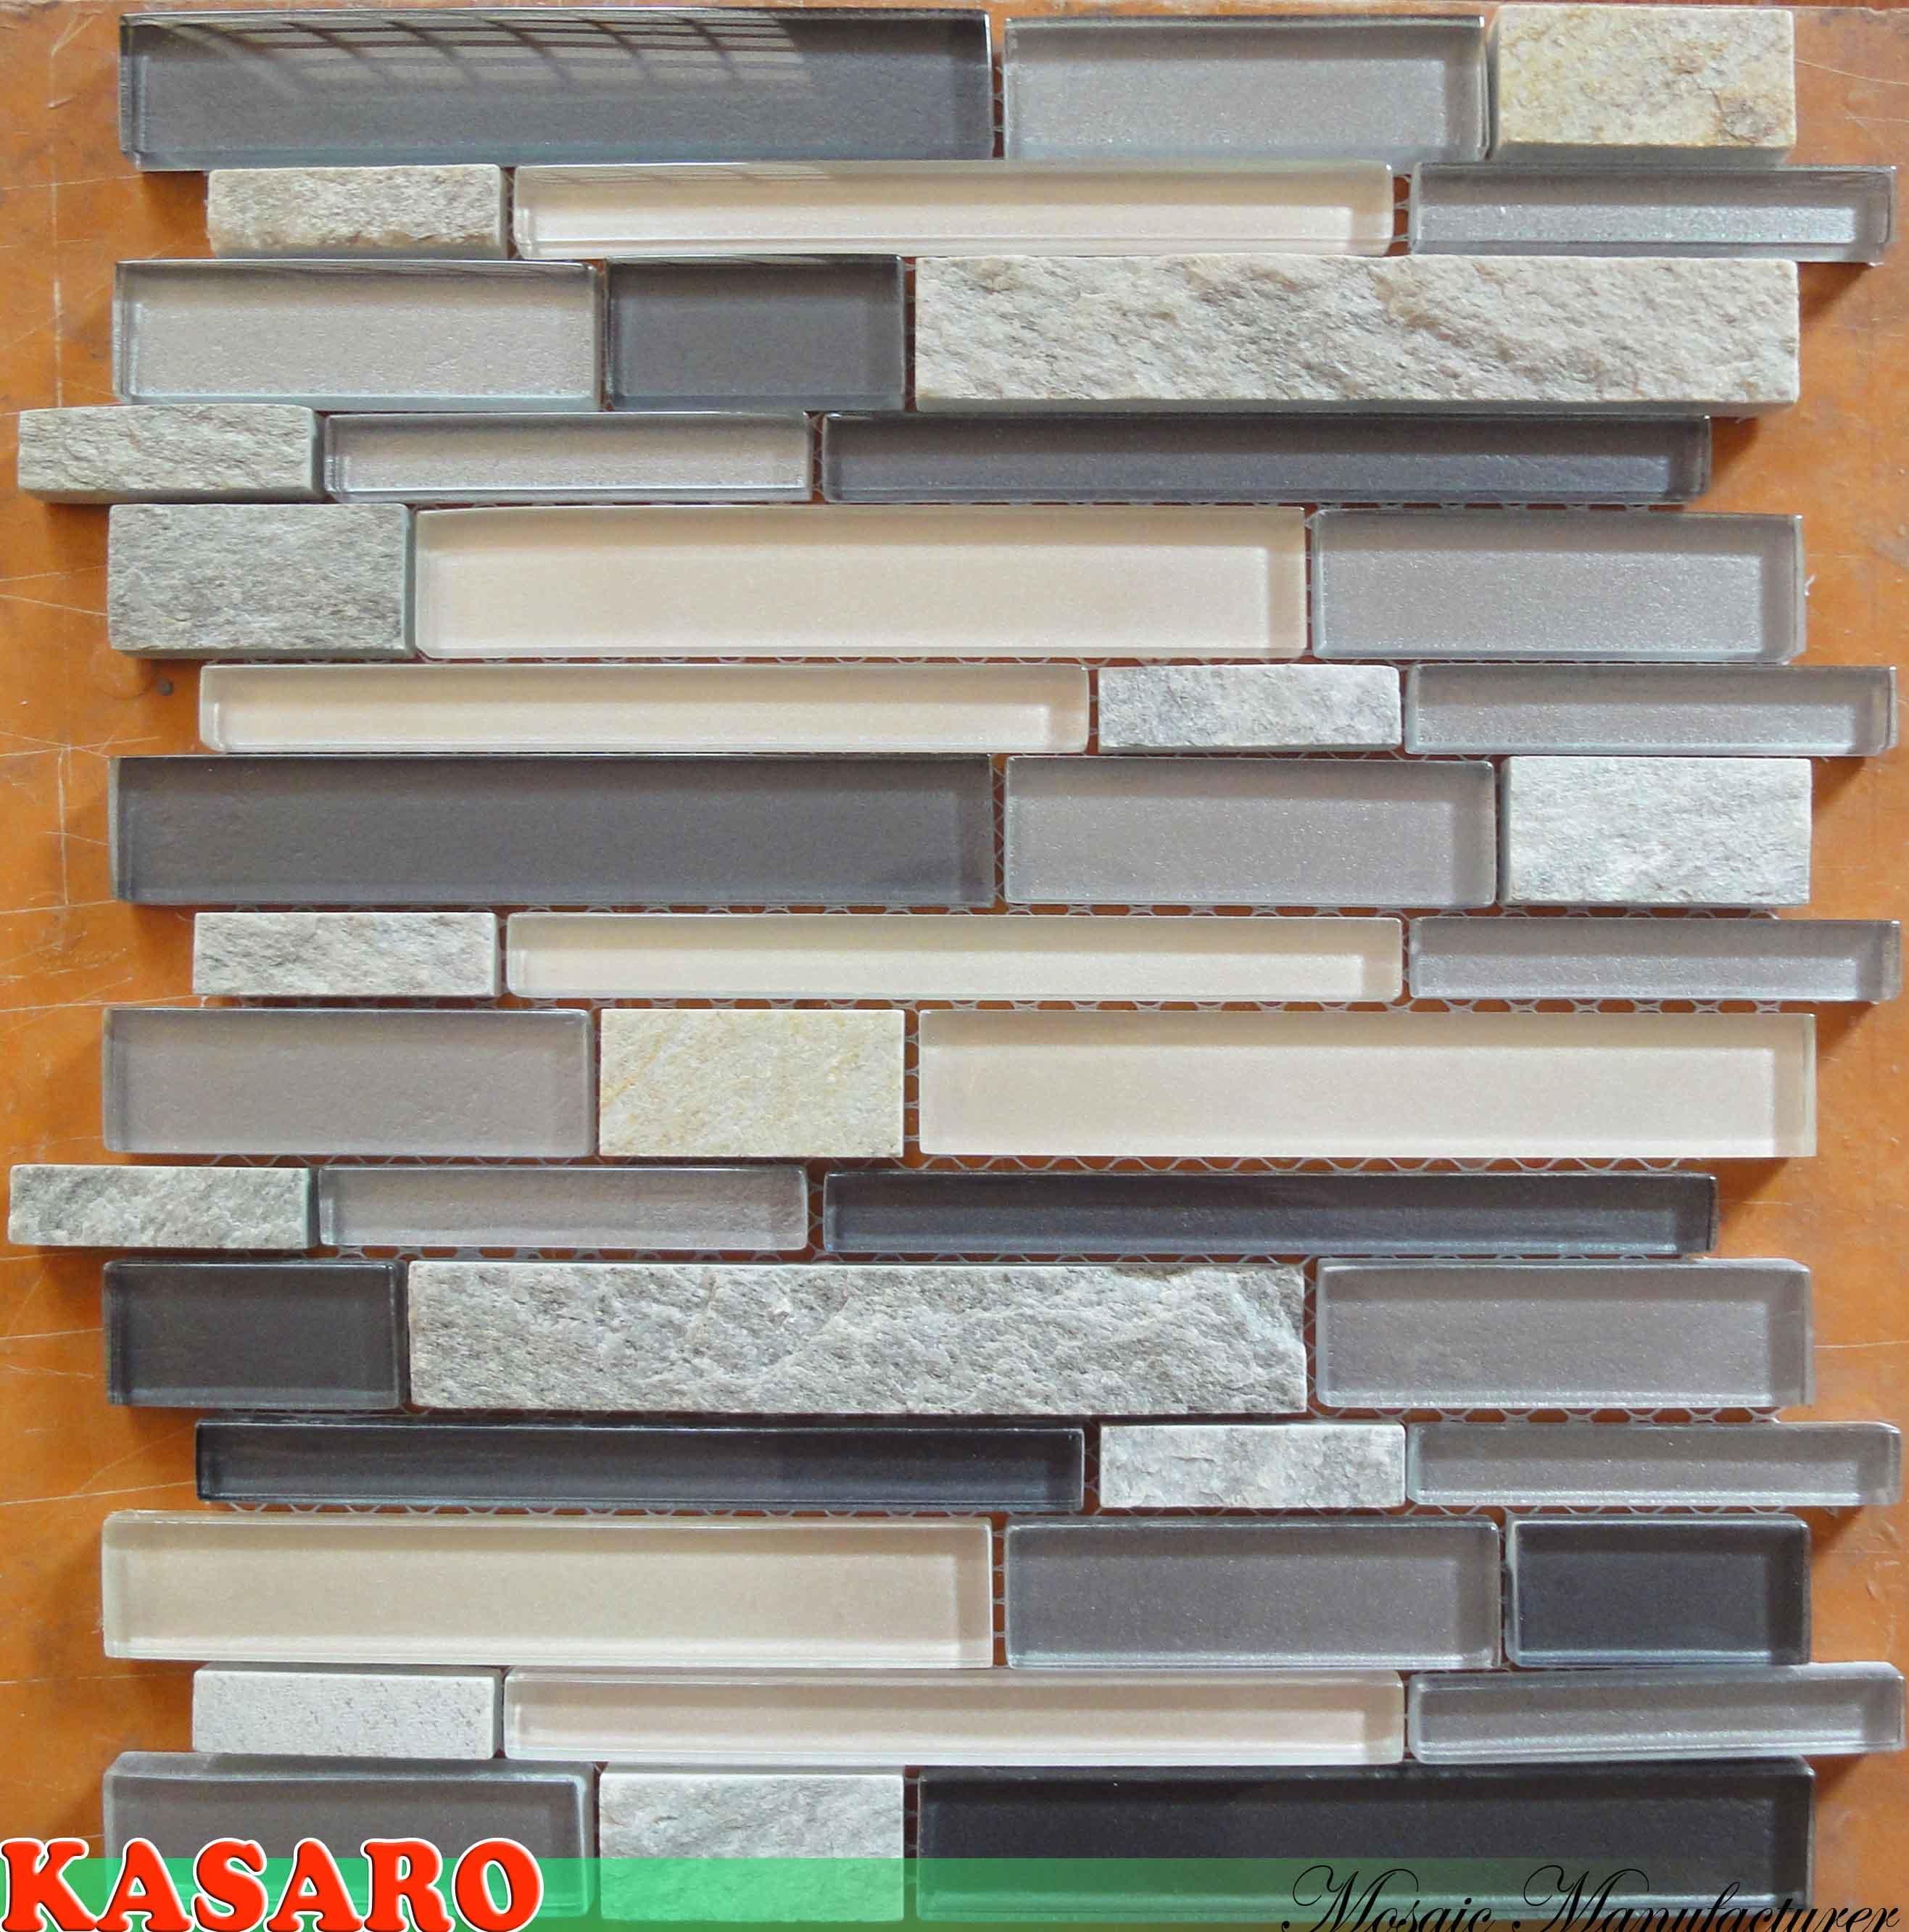 Azulejos Para Baño De Cristal:cuarto de baño del vidrio de mosaico (KSL6677) – Azulejo de cristal